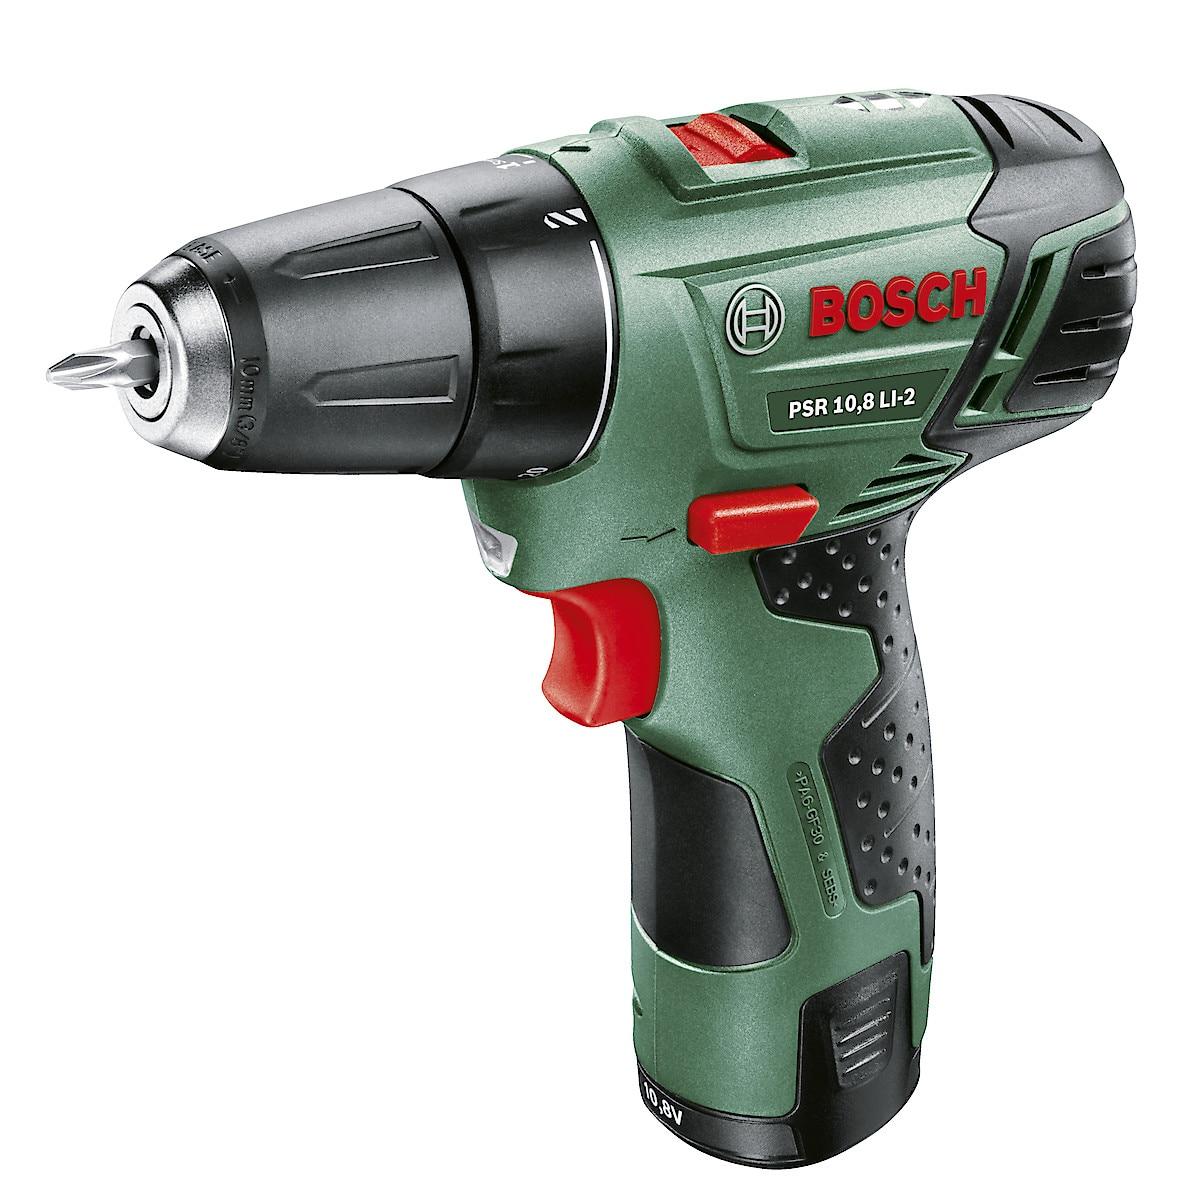 Bosch PSR 14.4 LI-2 Drill/Driver